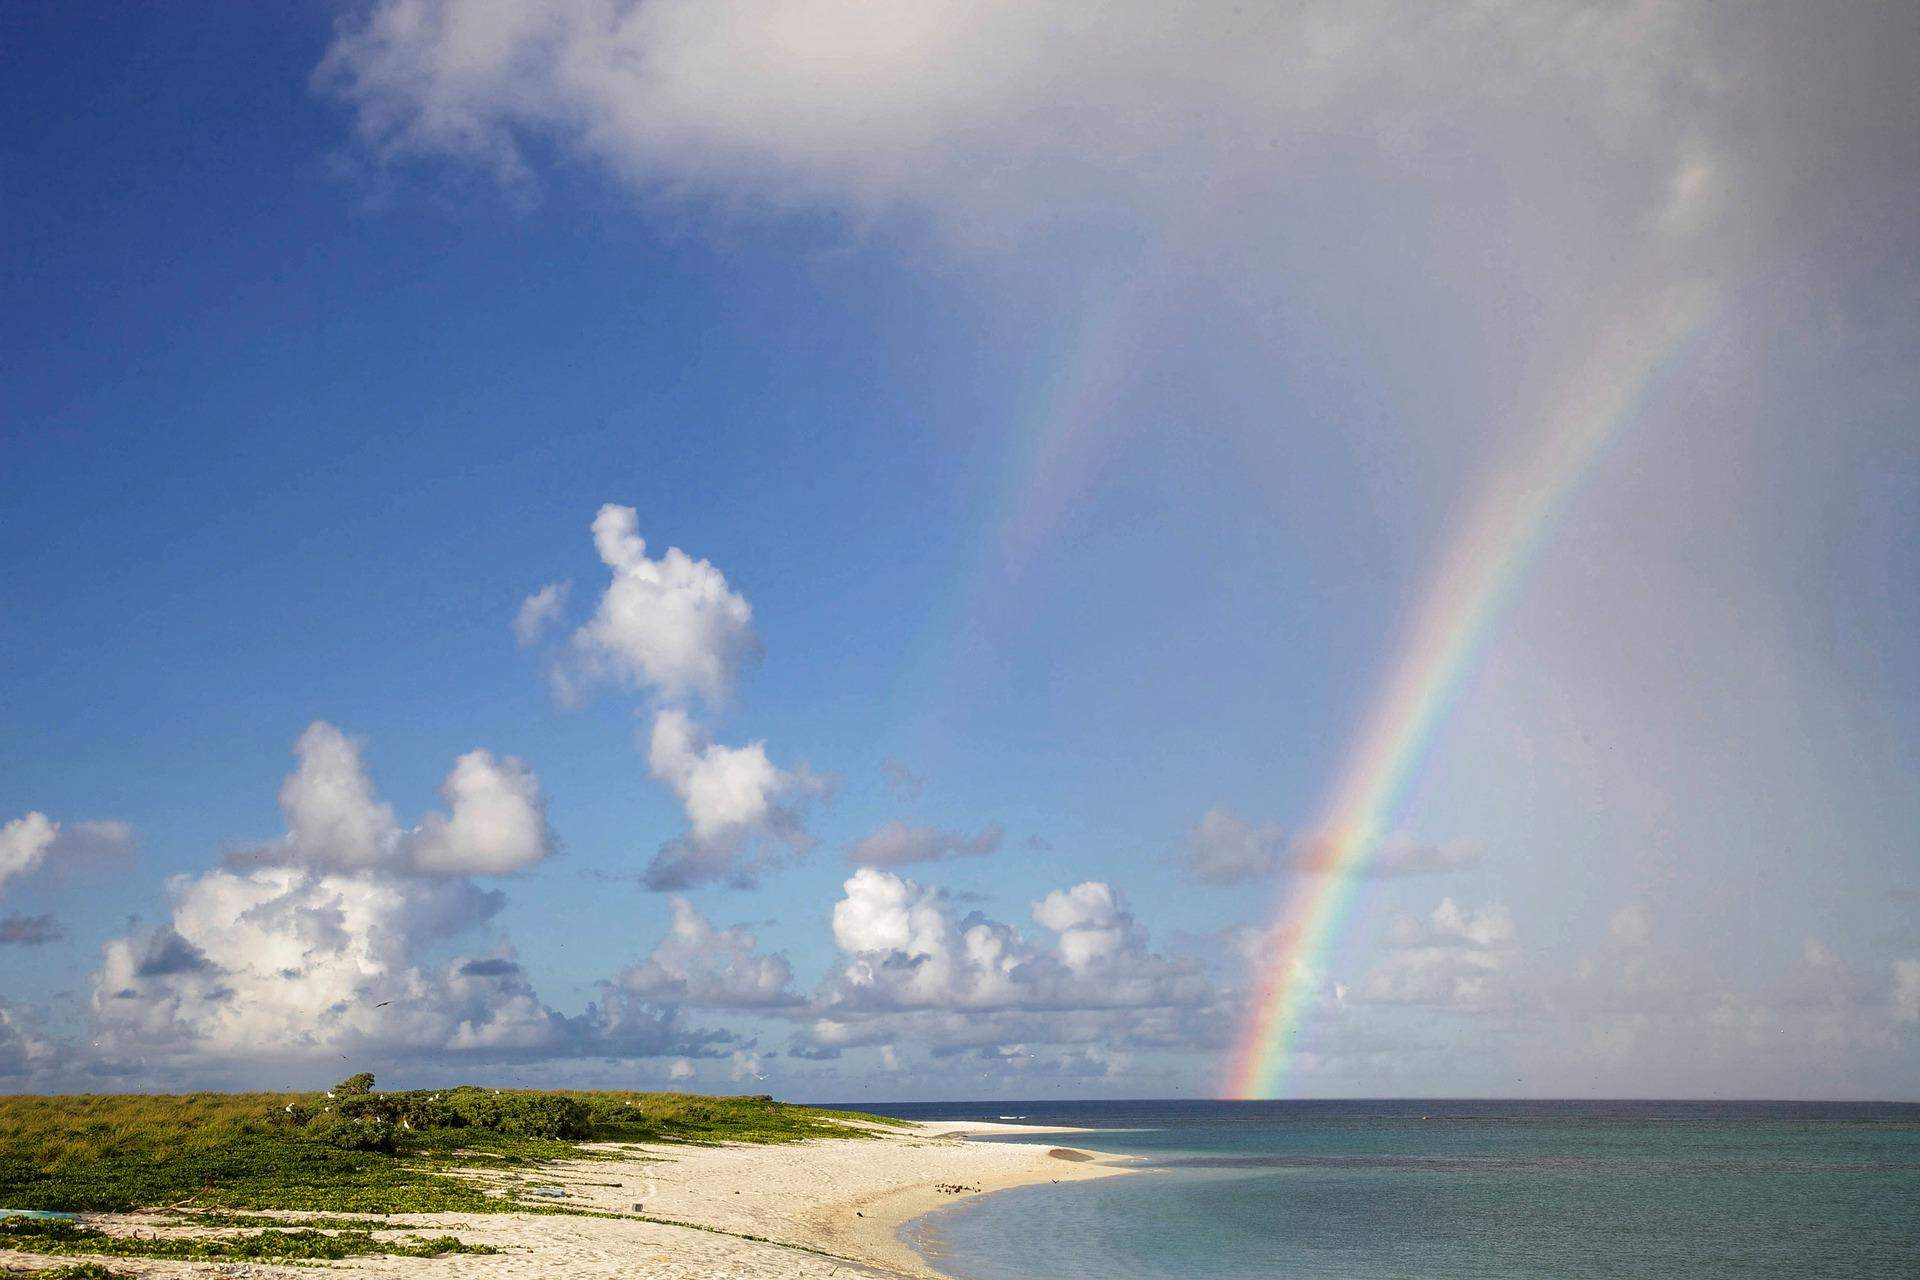 Как сфотографировать радугу, чтобы передать всю ее красоту